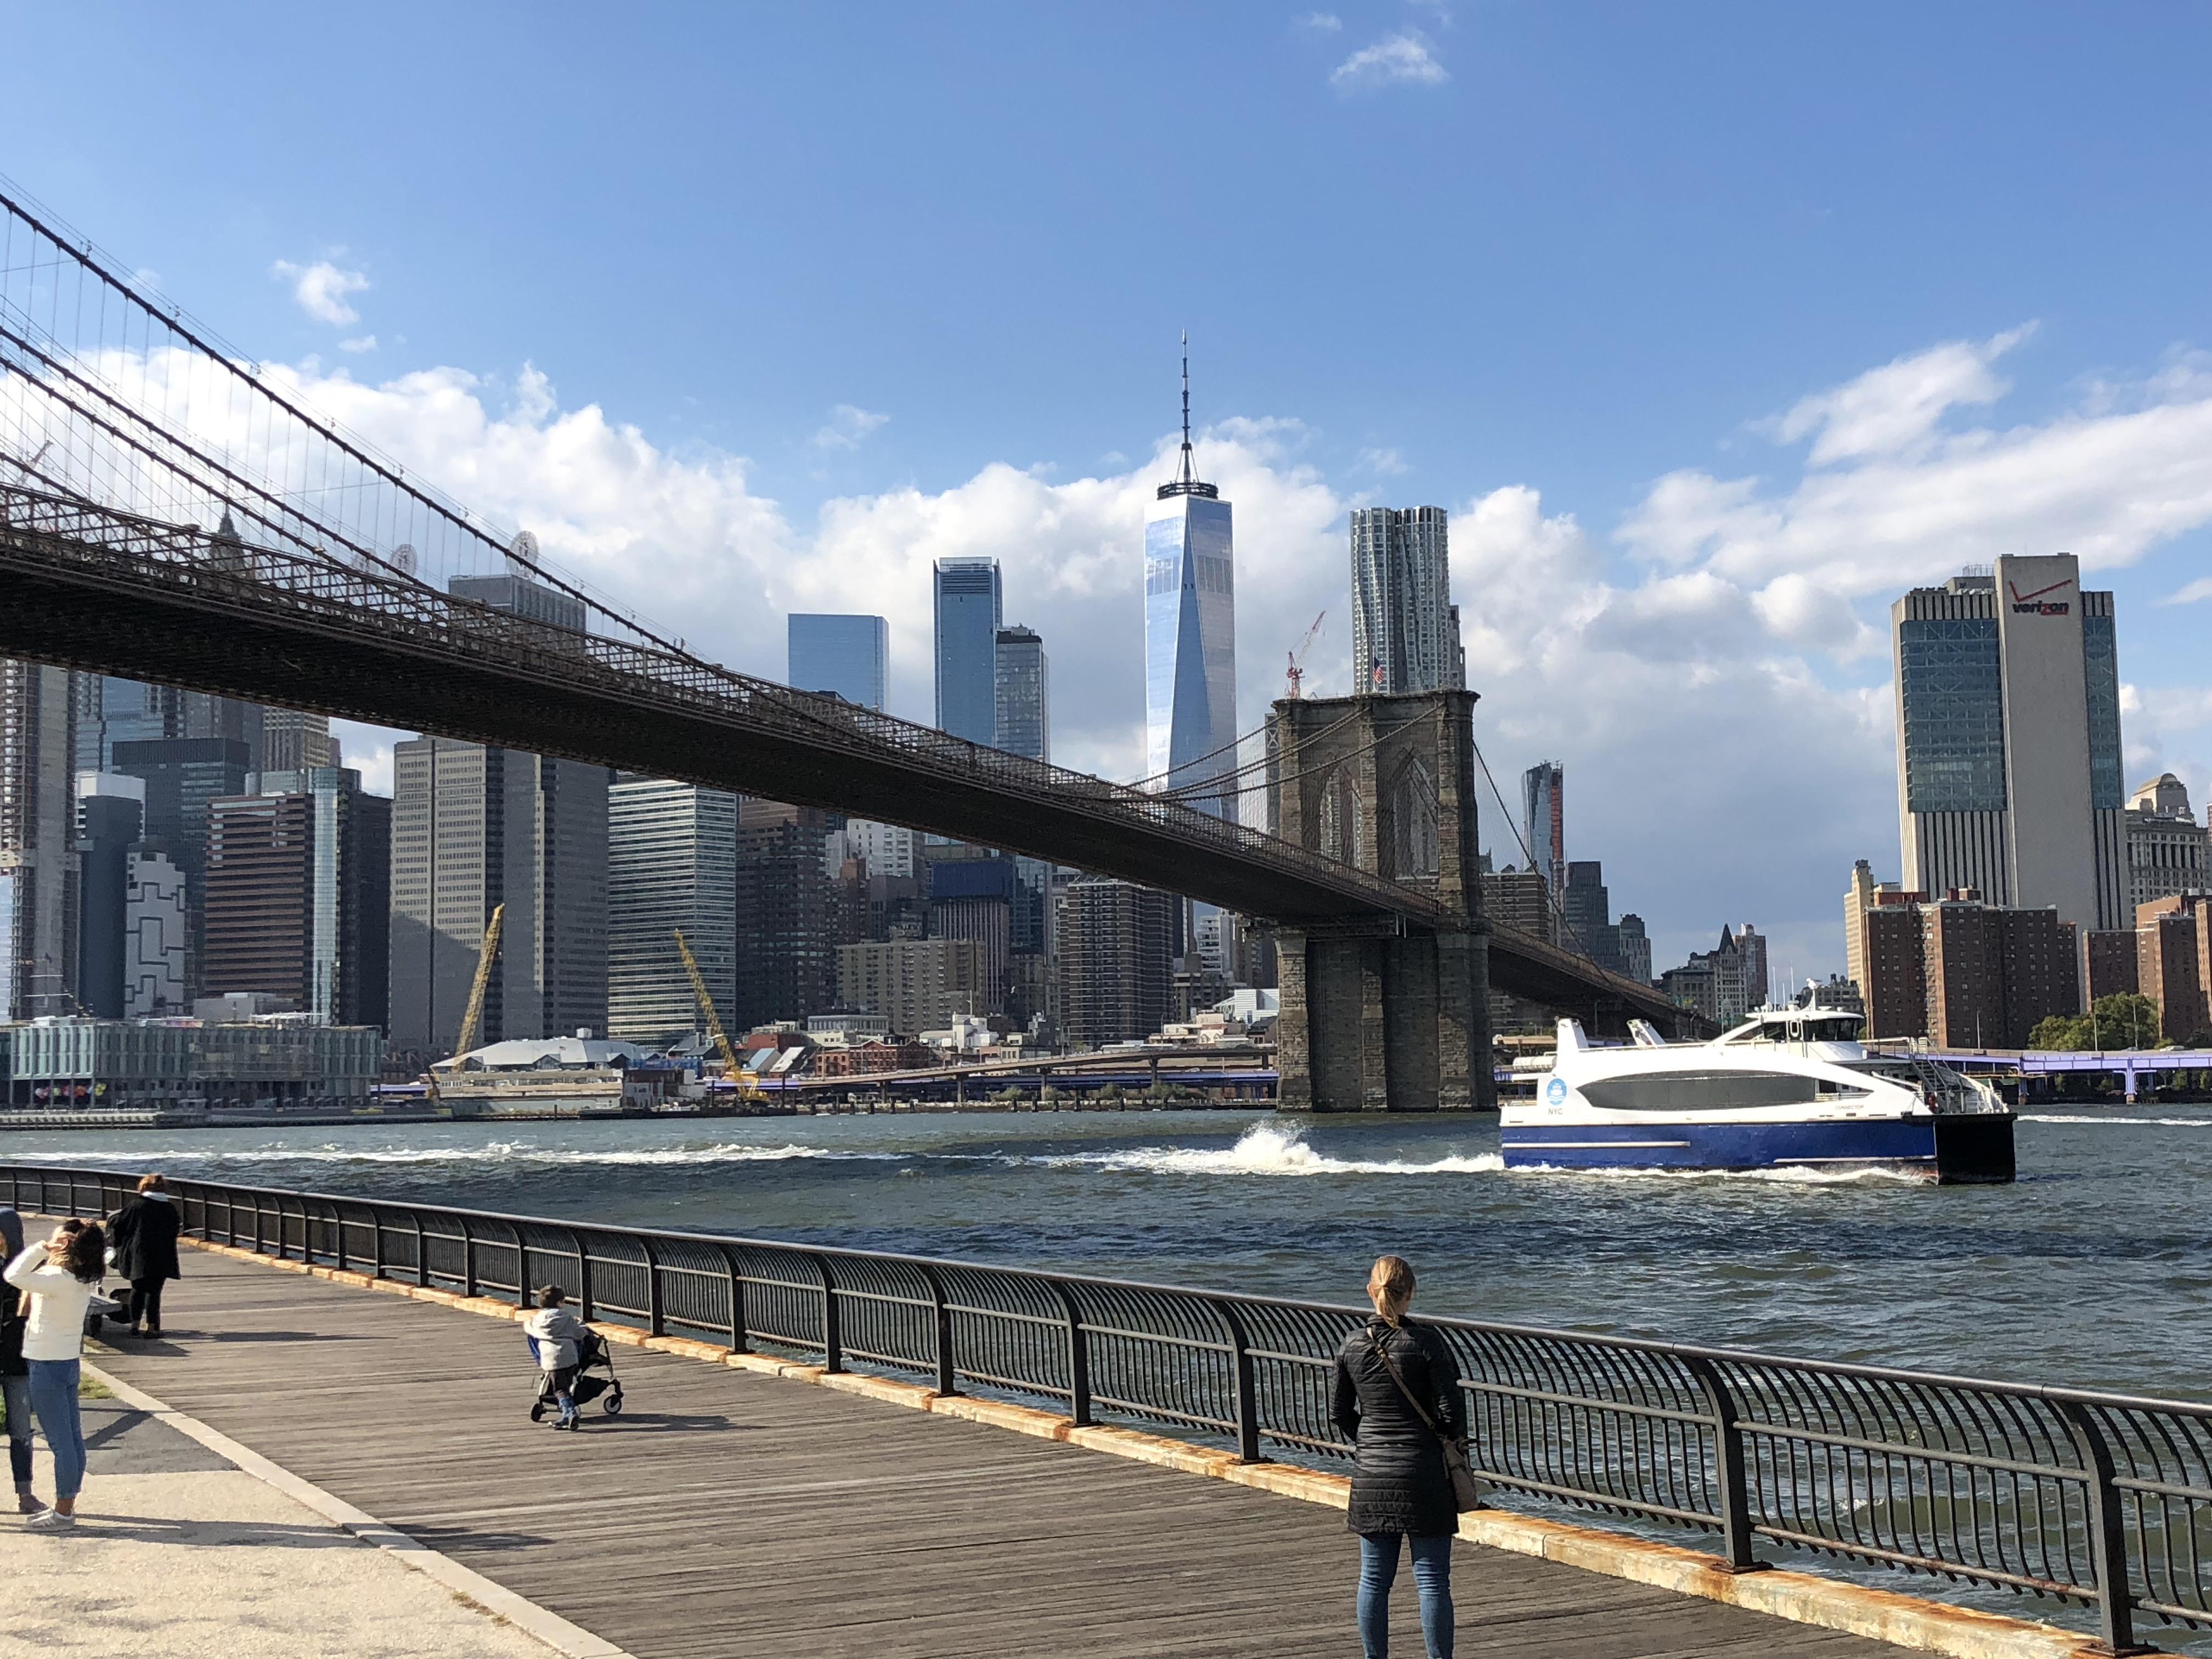 ブルックリンブリッジから見たマンハッタン